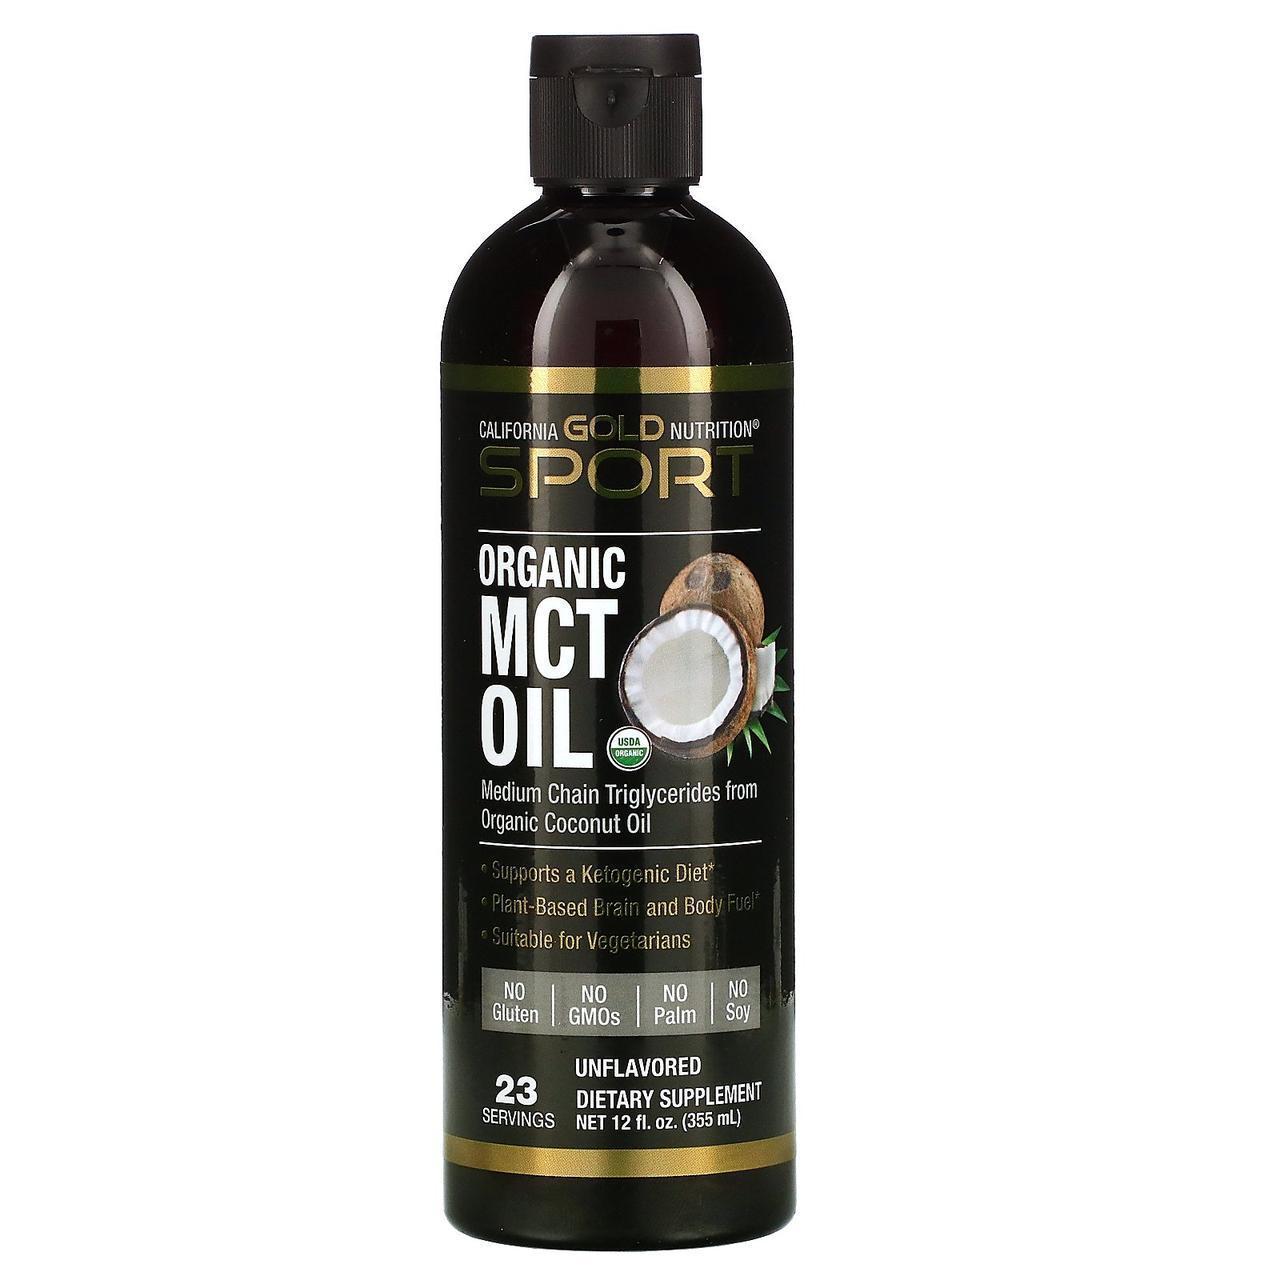 Органическое масло MCT, неароматизированное, 355 мл California Gold Nutrition, SPORTS